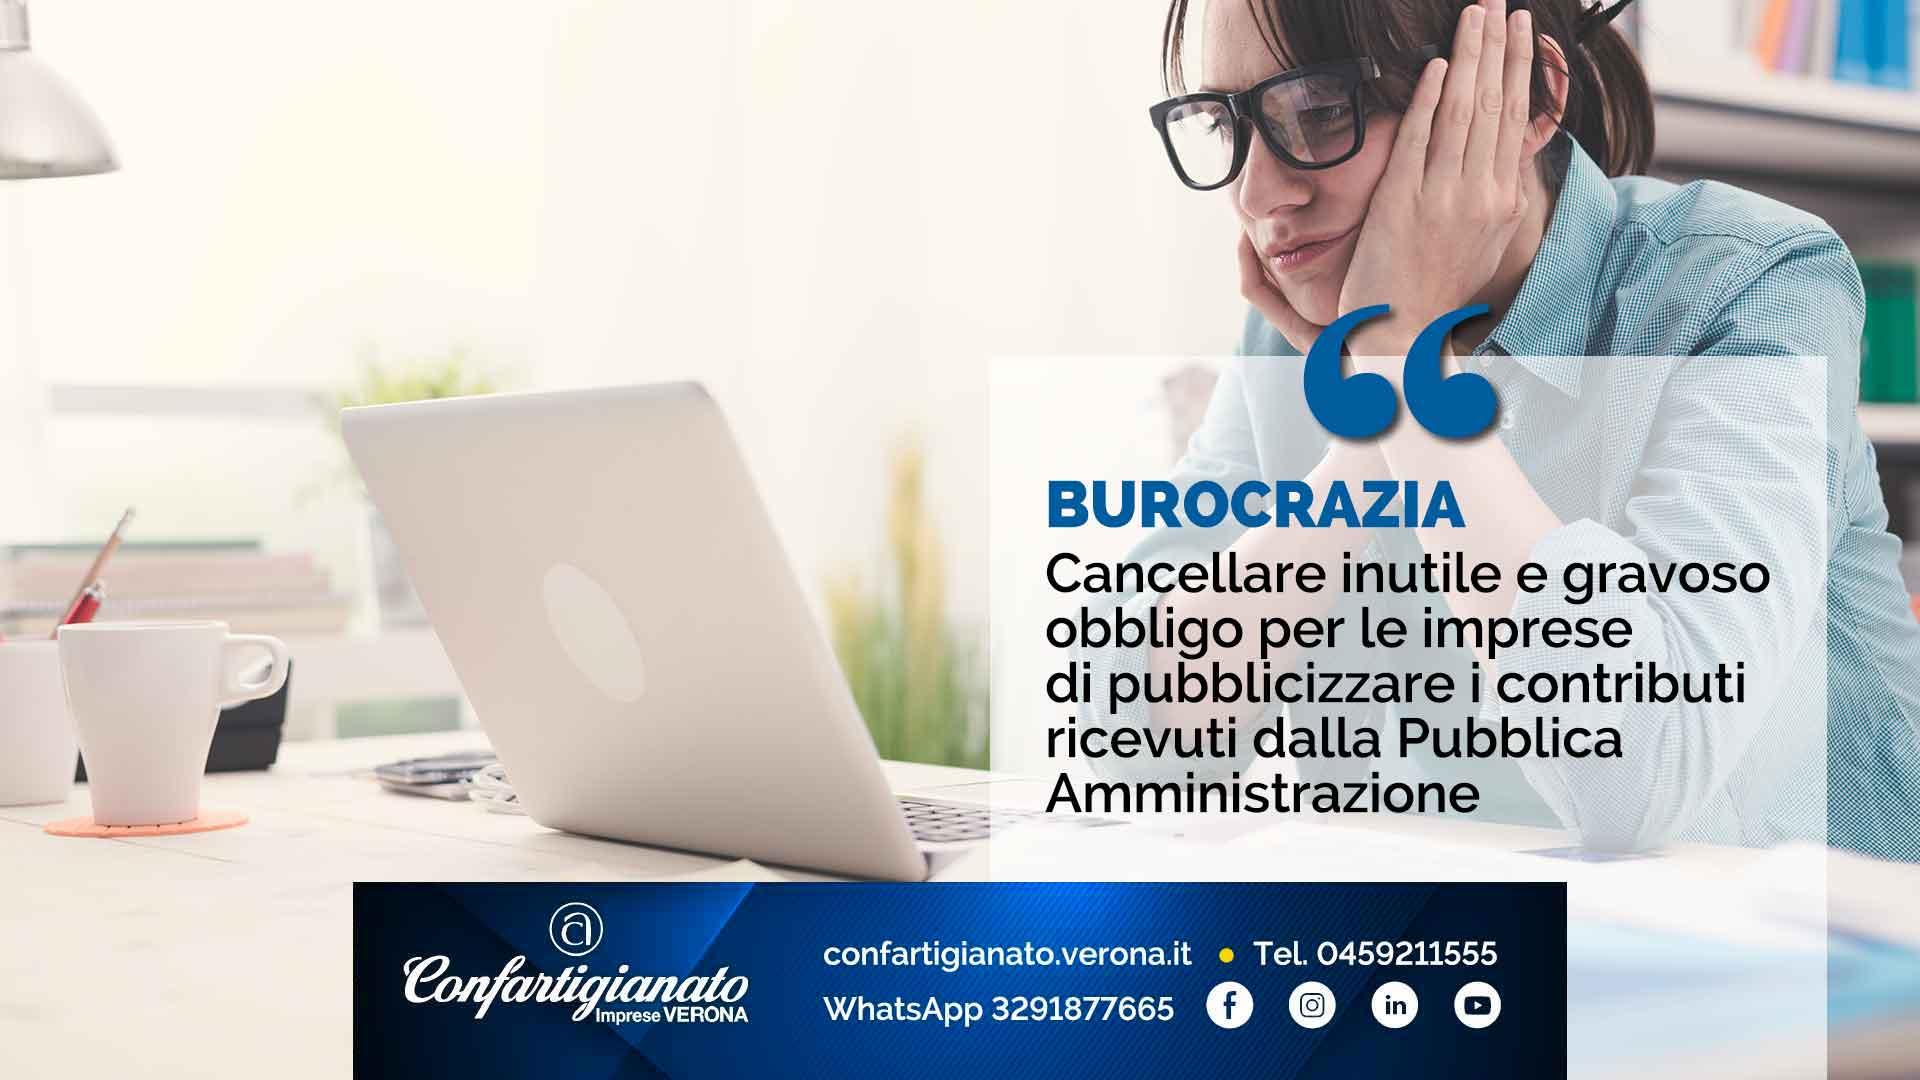 BUROCRAZIA- Cancellare l'inutile e gravoso obbligo per le imprese di pubblicizzare i contributi ricevuti dalla Pubblica Amministrazione